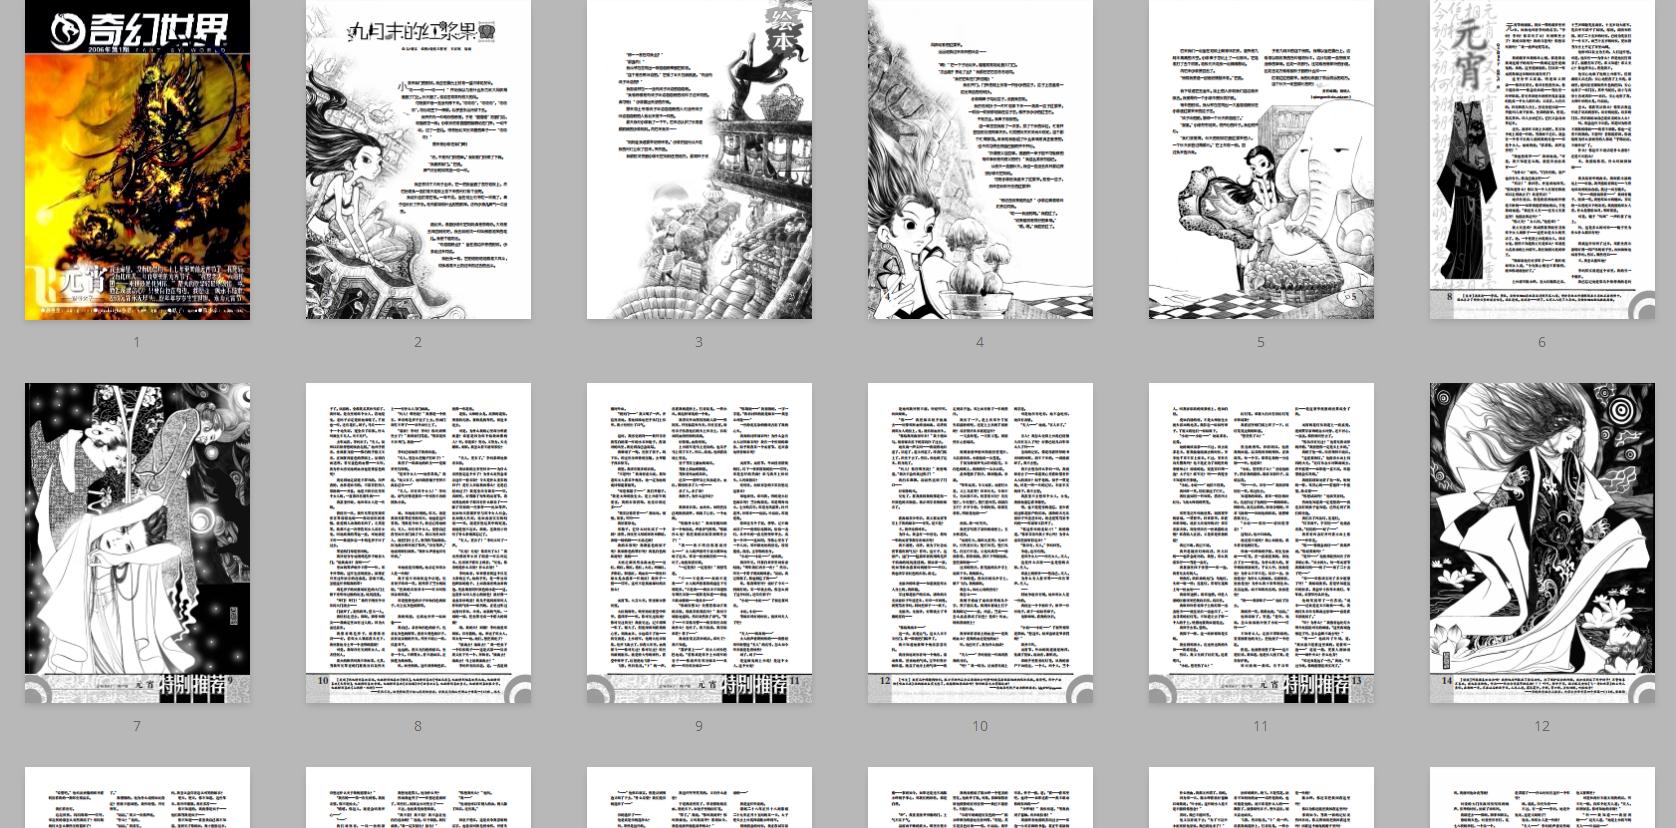 《飞·奇幻世界》杂志合集 2005-2011 pdf格式